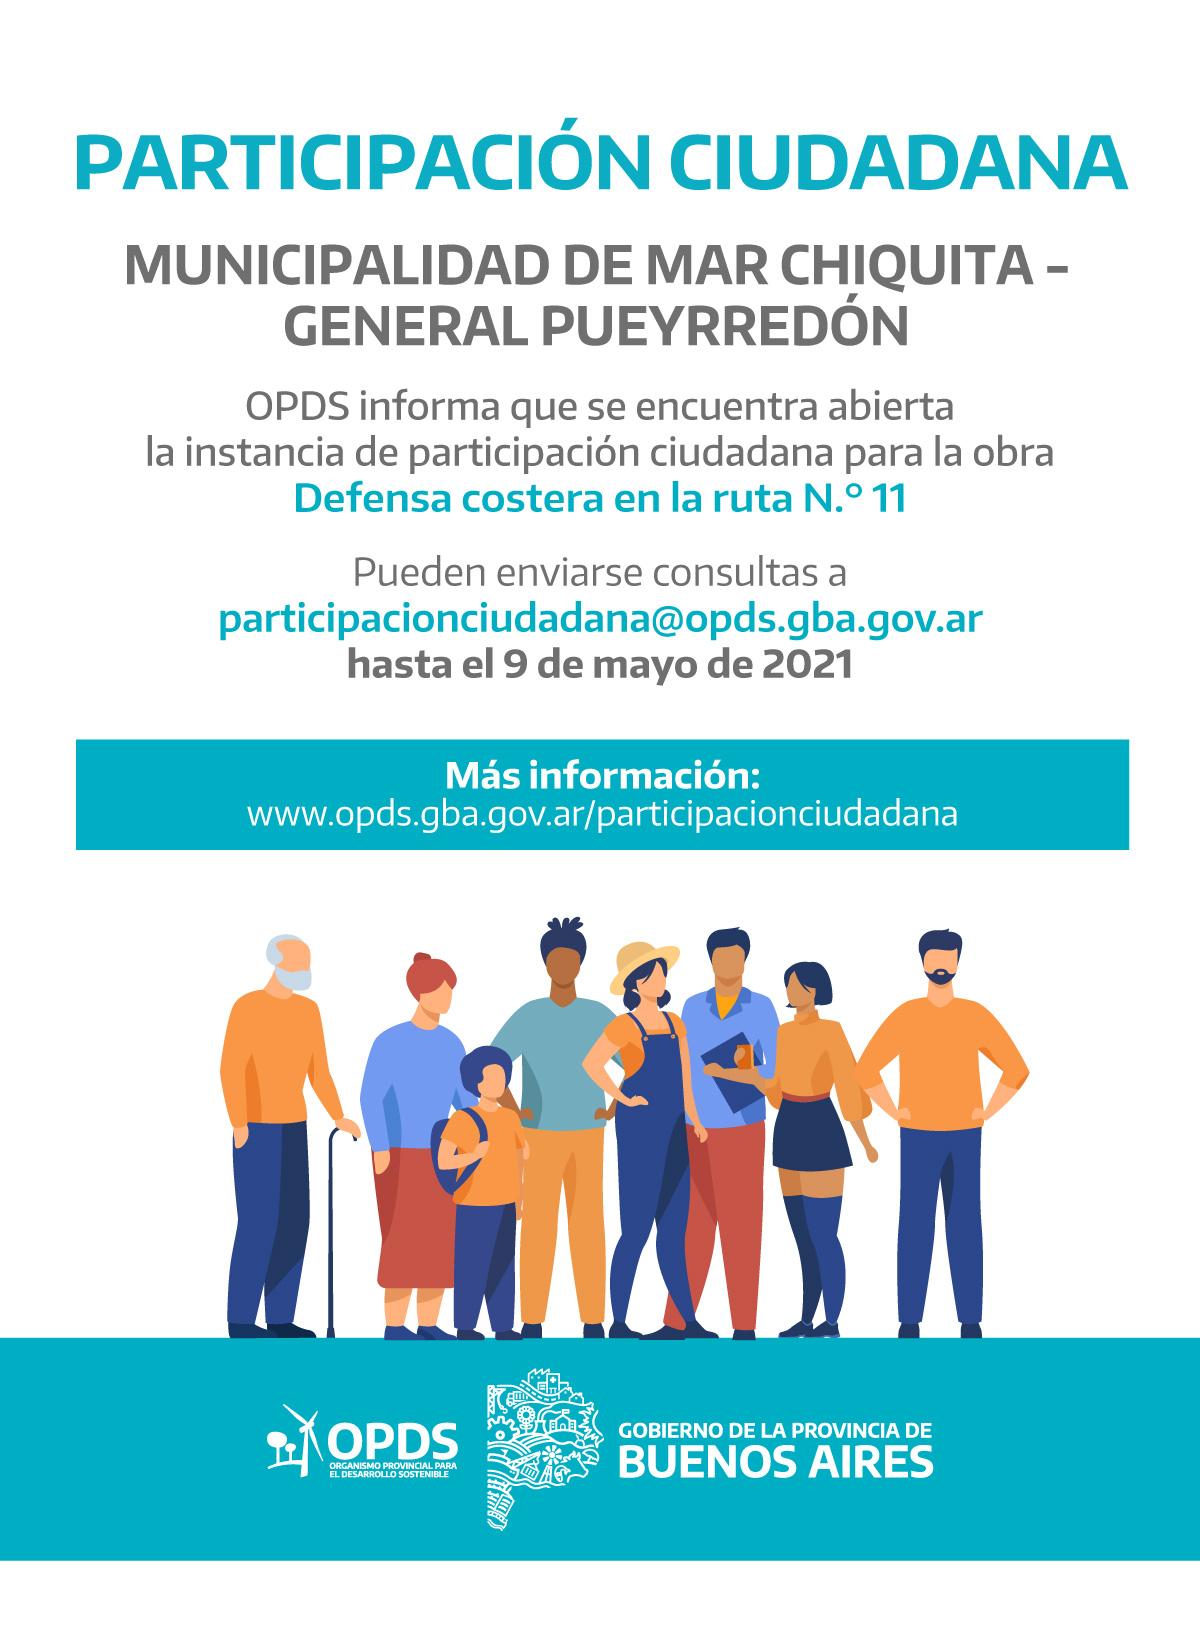 OPDS abre la instancia de participación ciudadana para la obra Defensa costera en la ruta N° 11